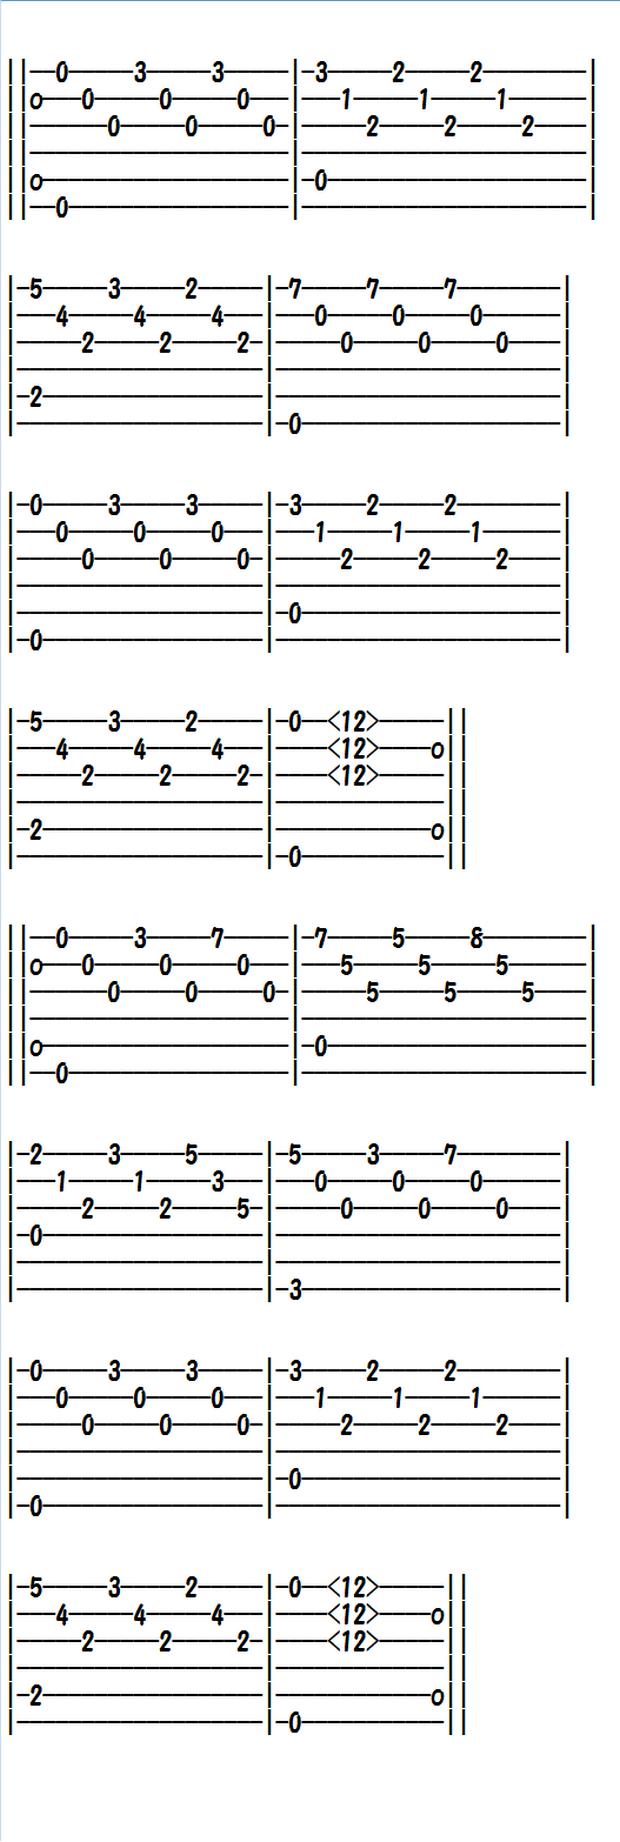 ソロギター、クラシックギター、エレキギター無料楽譜(タブ譜)タルレガの練習曲Eマイナー